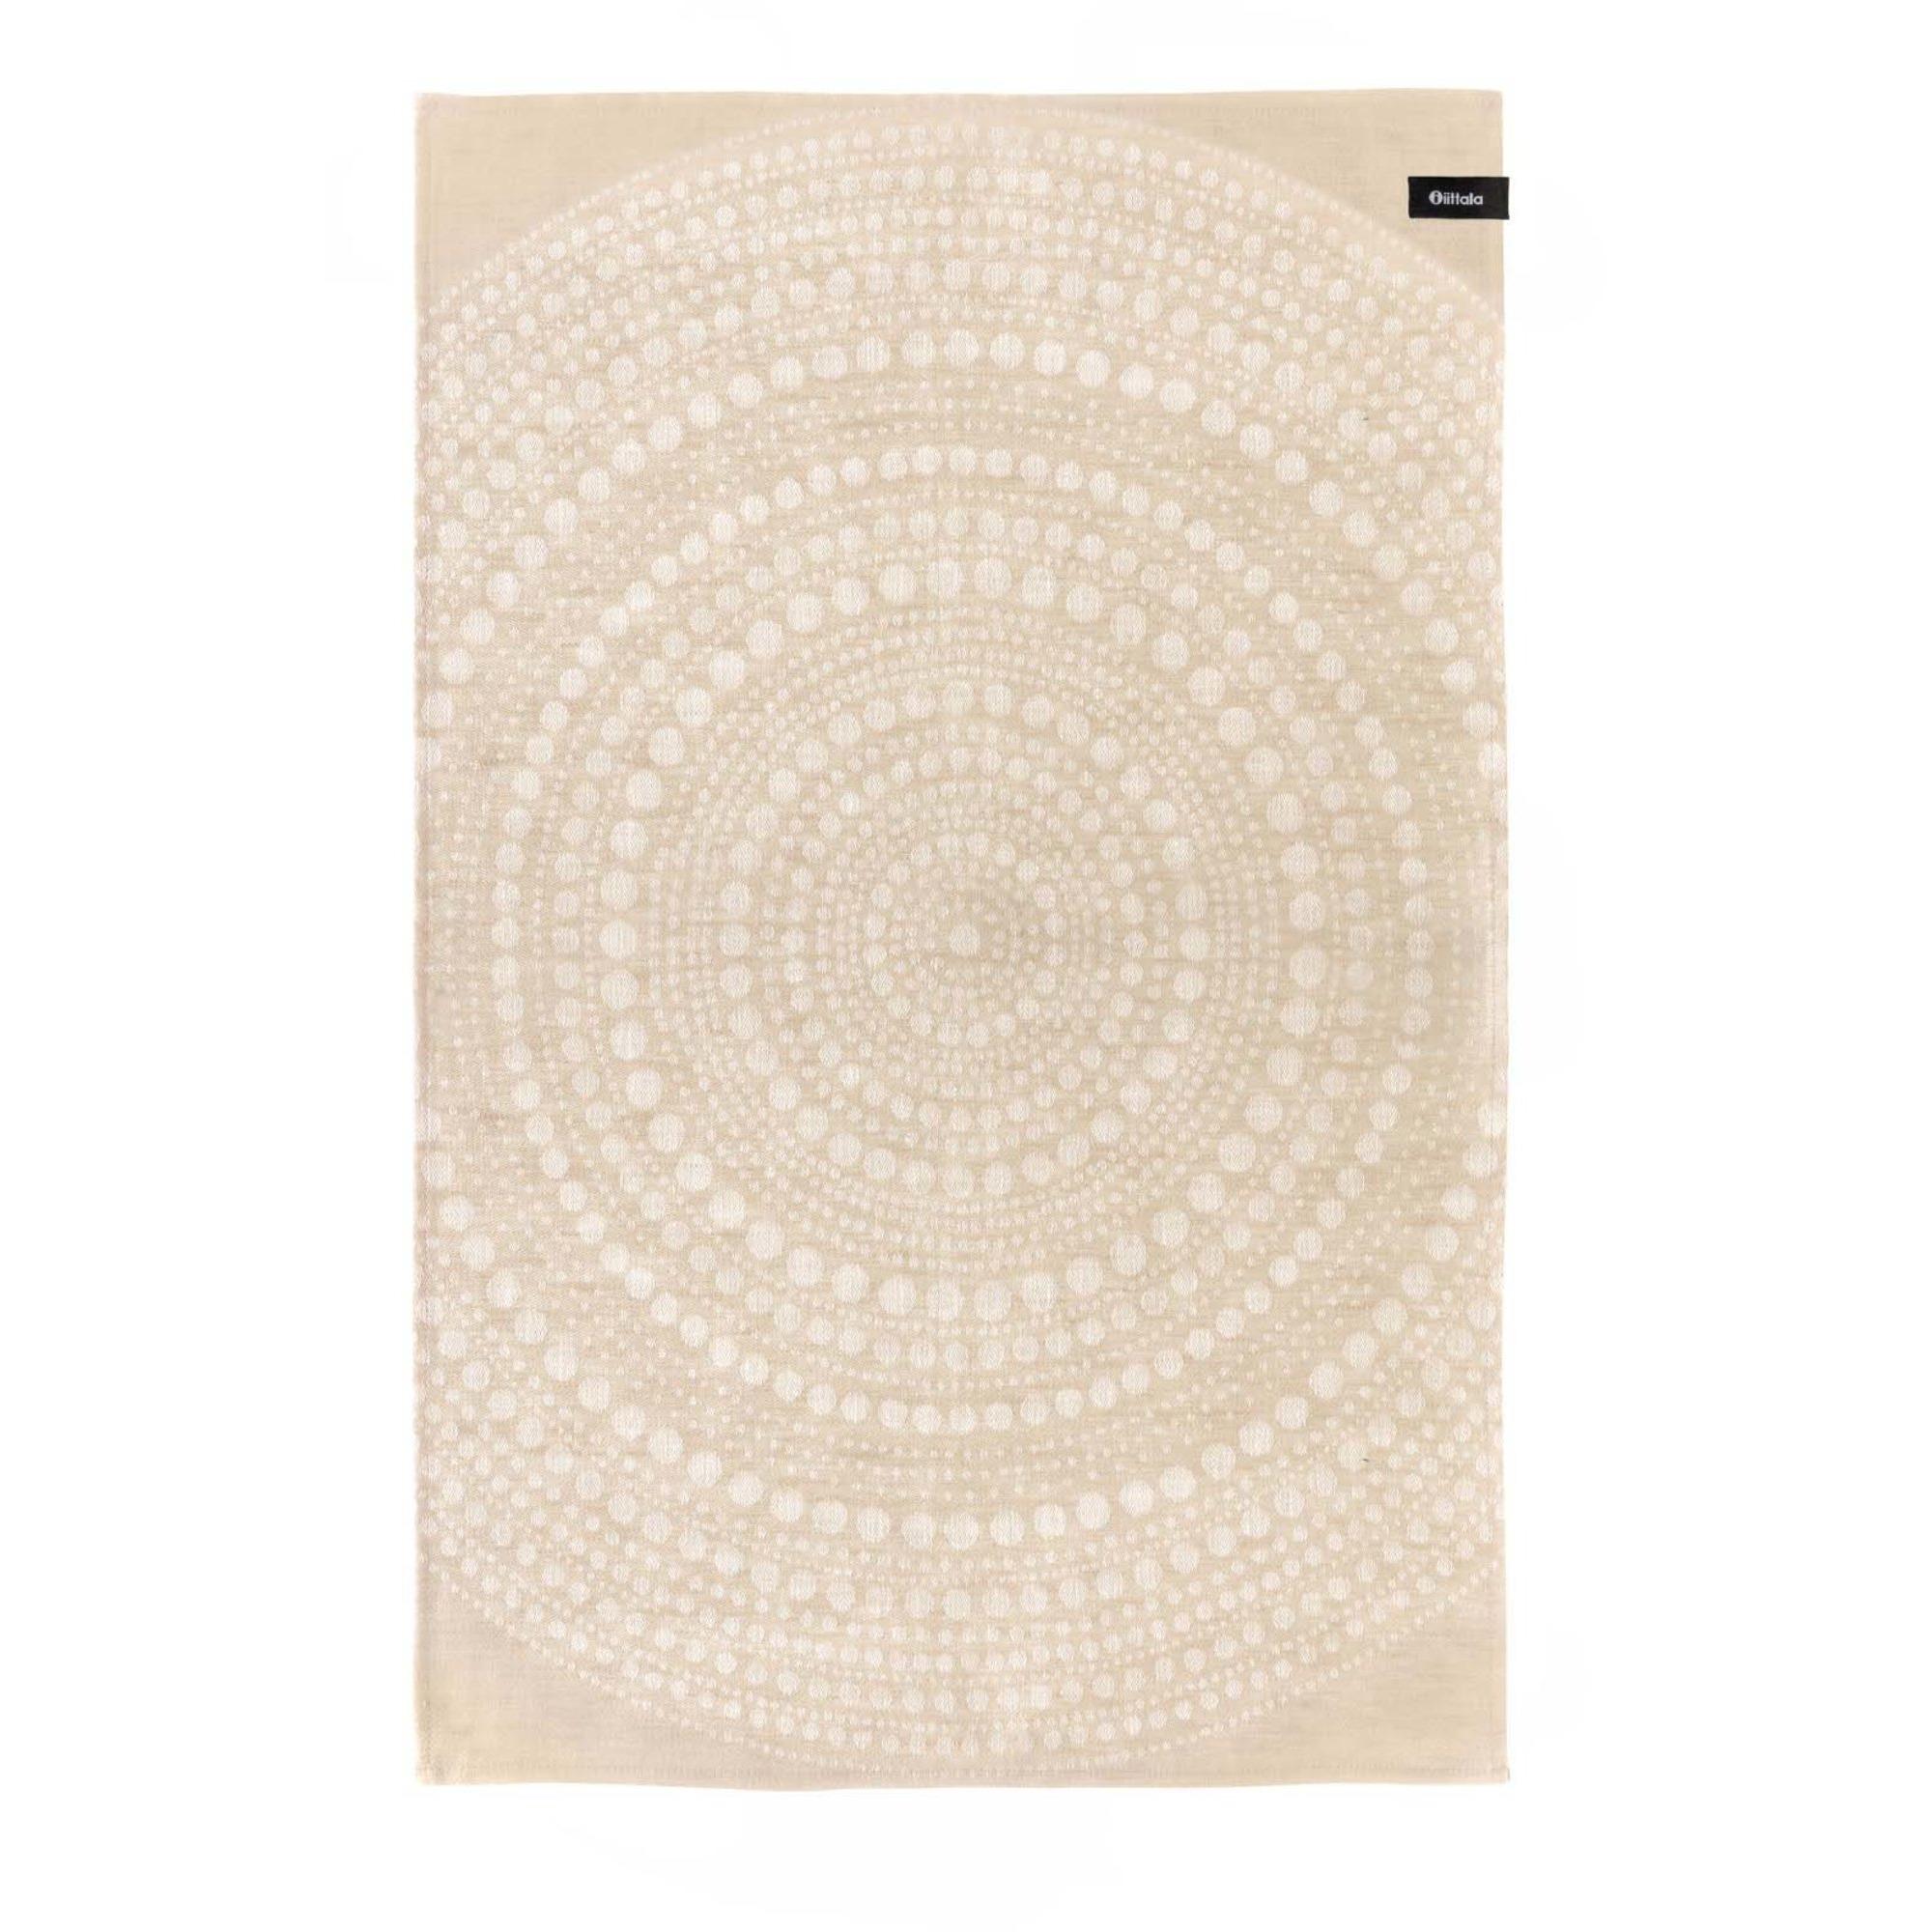 Iittala Kastehelmi kökshandduk 47×70 cm puder